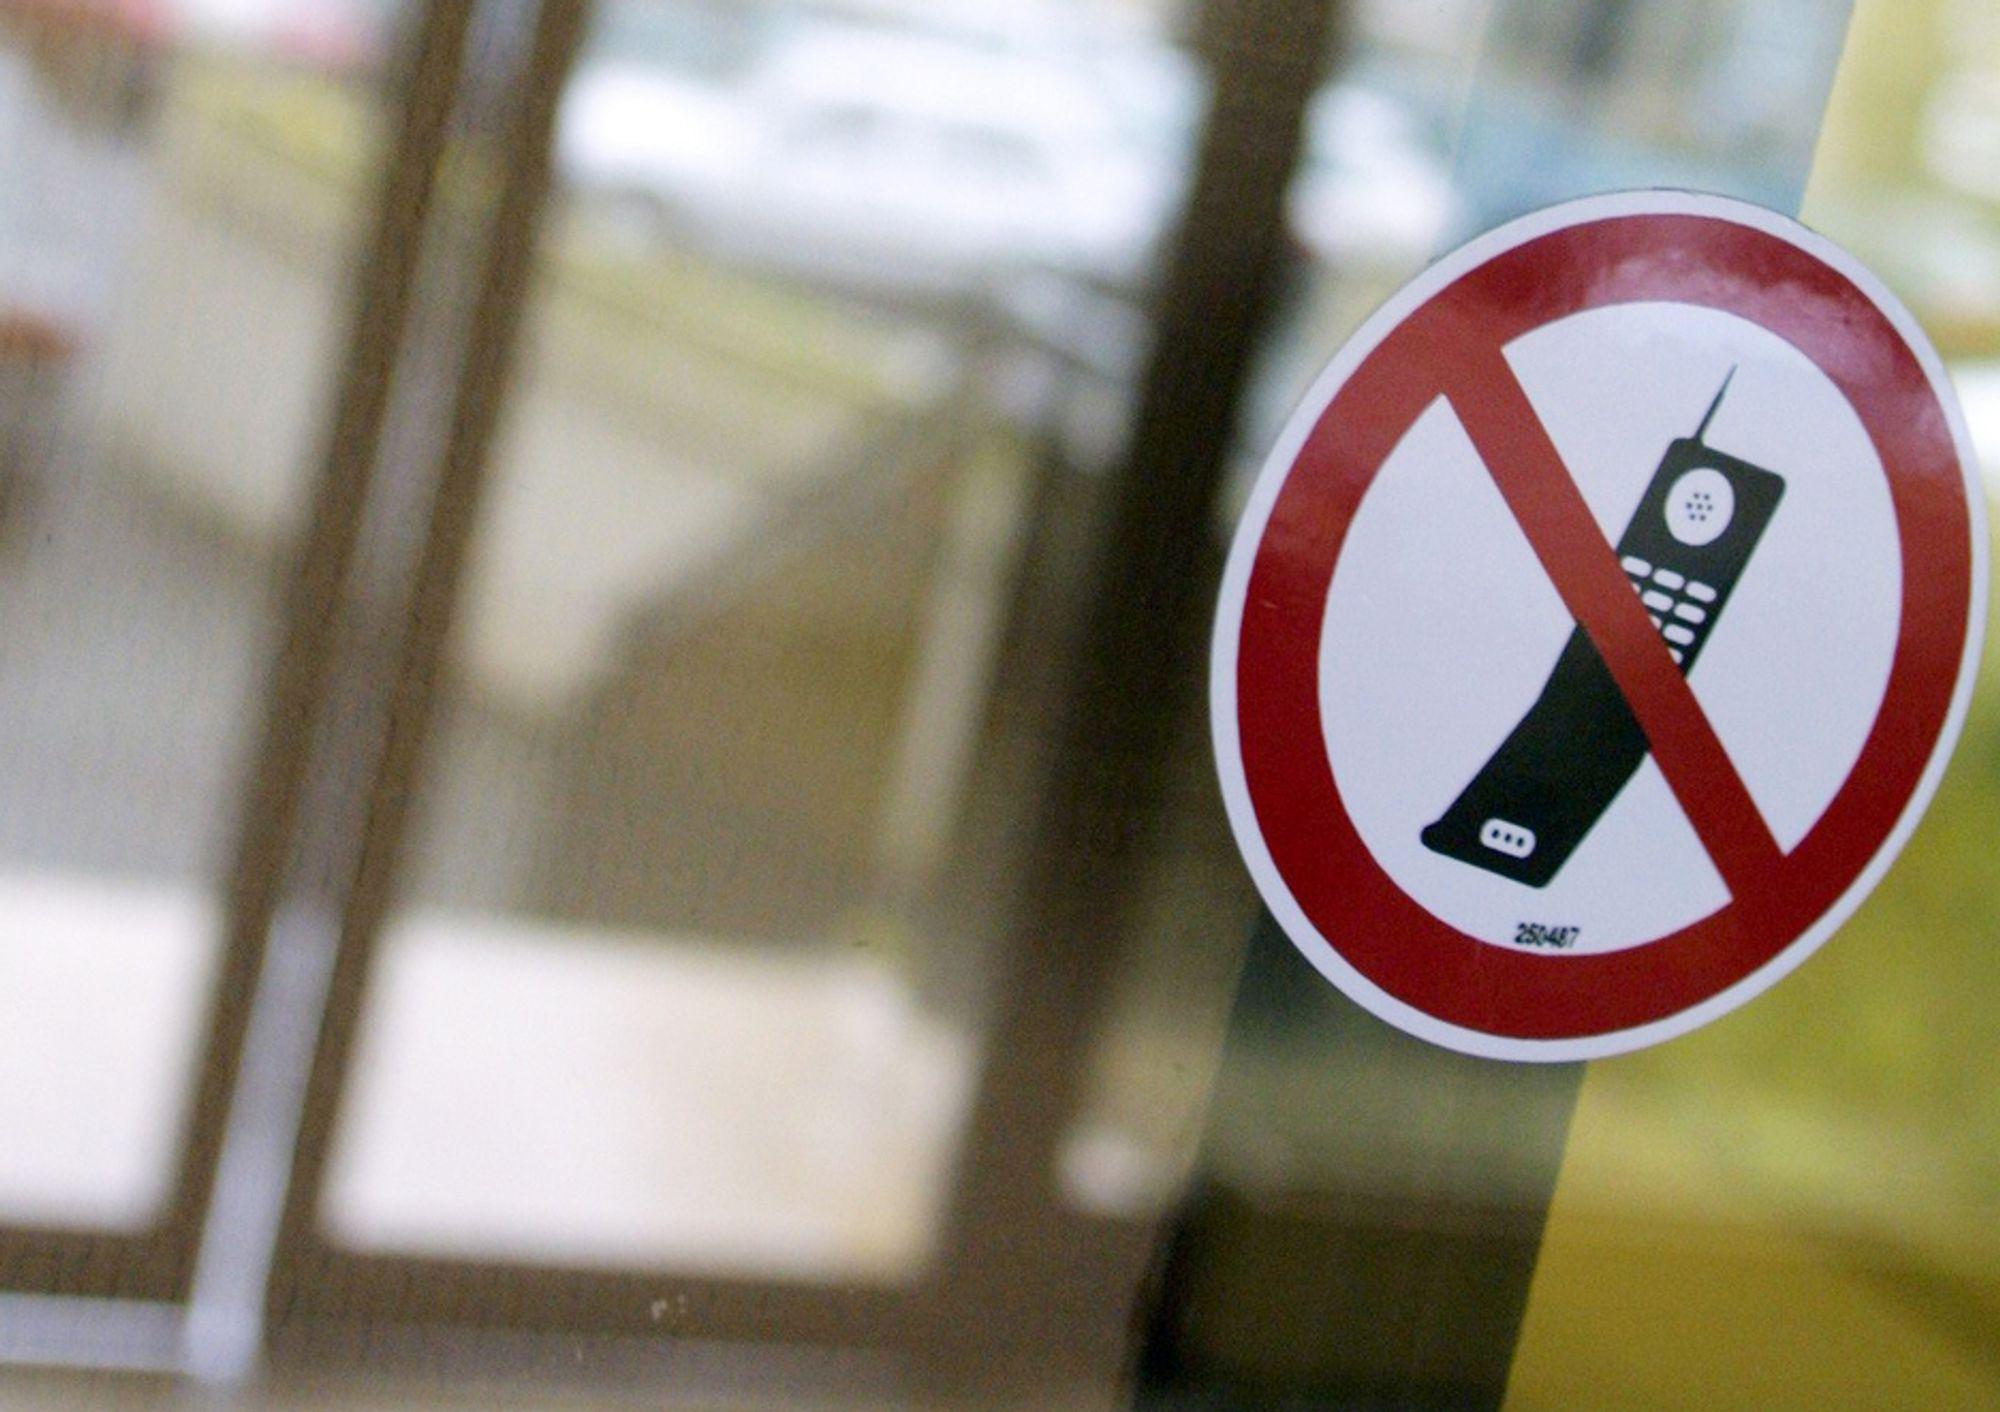 HELT SIKKERT USIKKERT: Om mobilstråling kan ingenting fastslås, fastslår forskere som har forsket på forskning. Og det sikrer videre usikkerhet inntil nye undersøkelser er undersøkt.